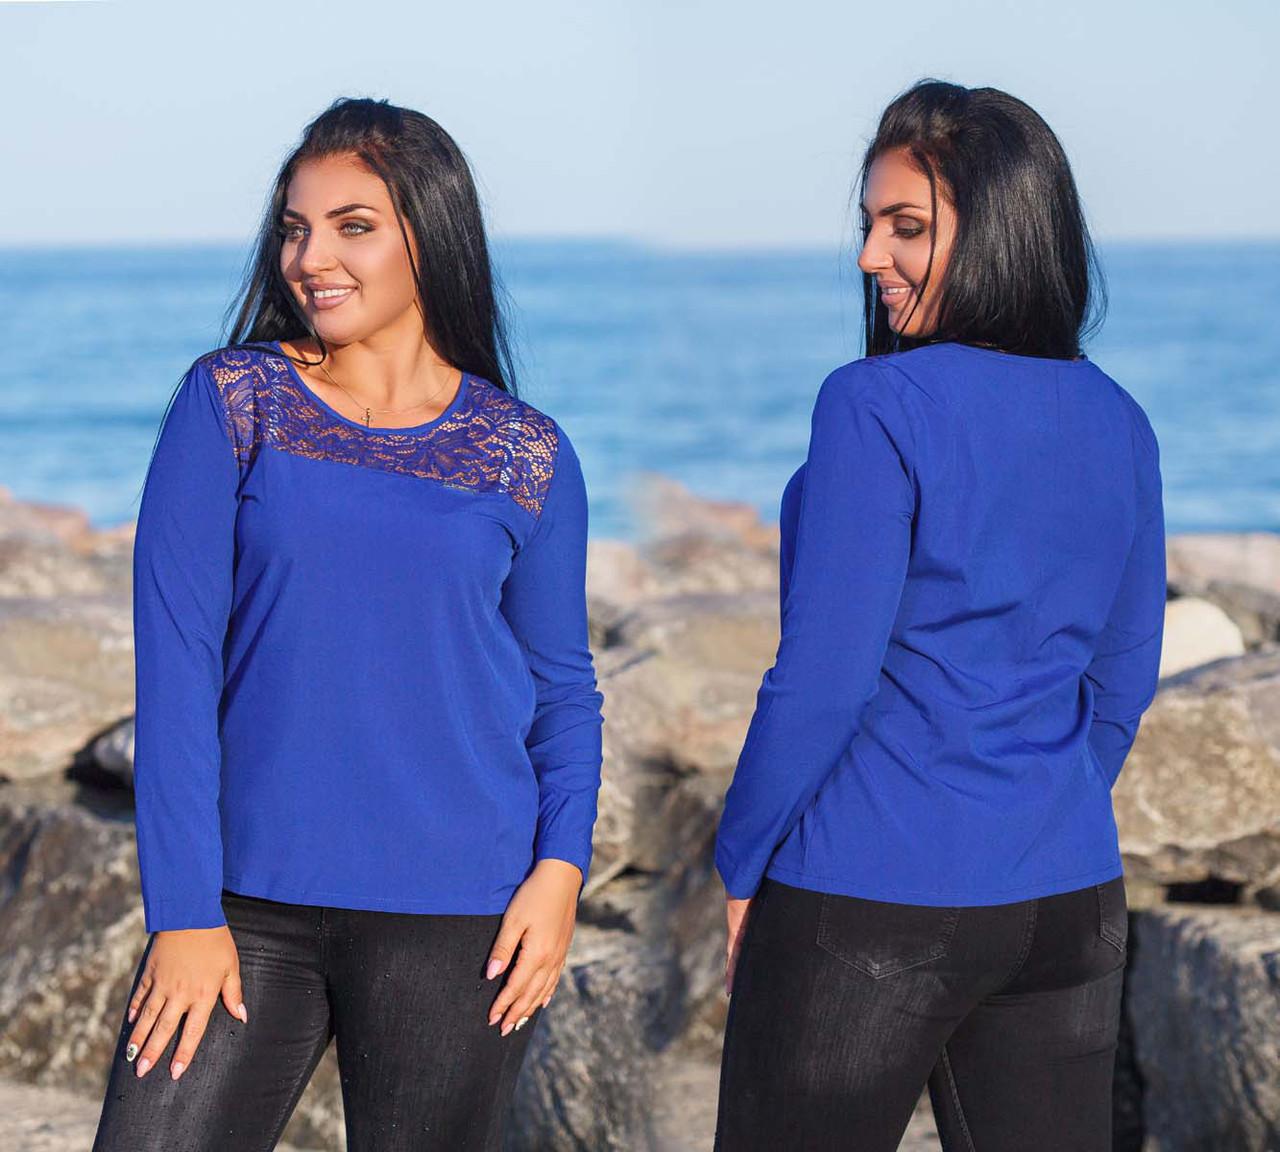 """Элегантная женская блузка до больших размеров 4156 """"Софт Кокетка Гипюр"""" в расцветках"""